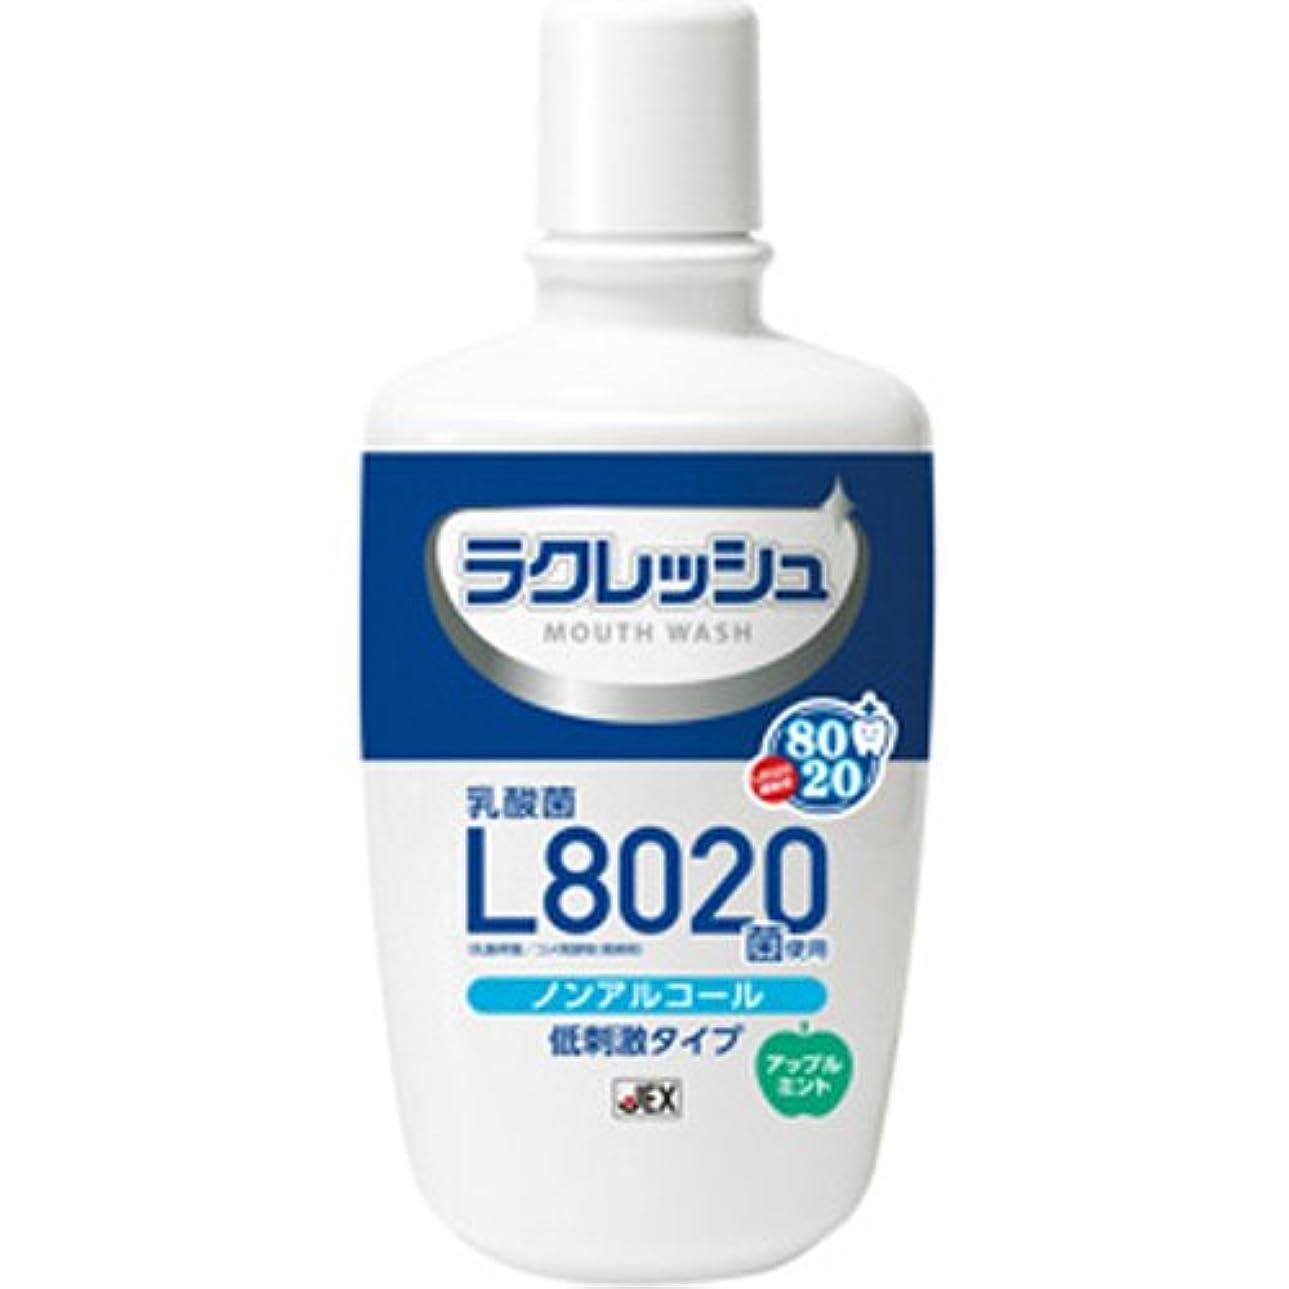 控える解明代わってラクレッシュ L8020菌入 マウスウォッシュ × 10個セット